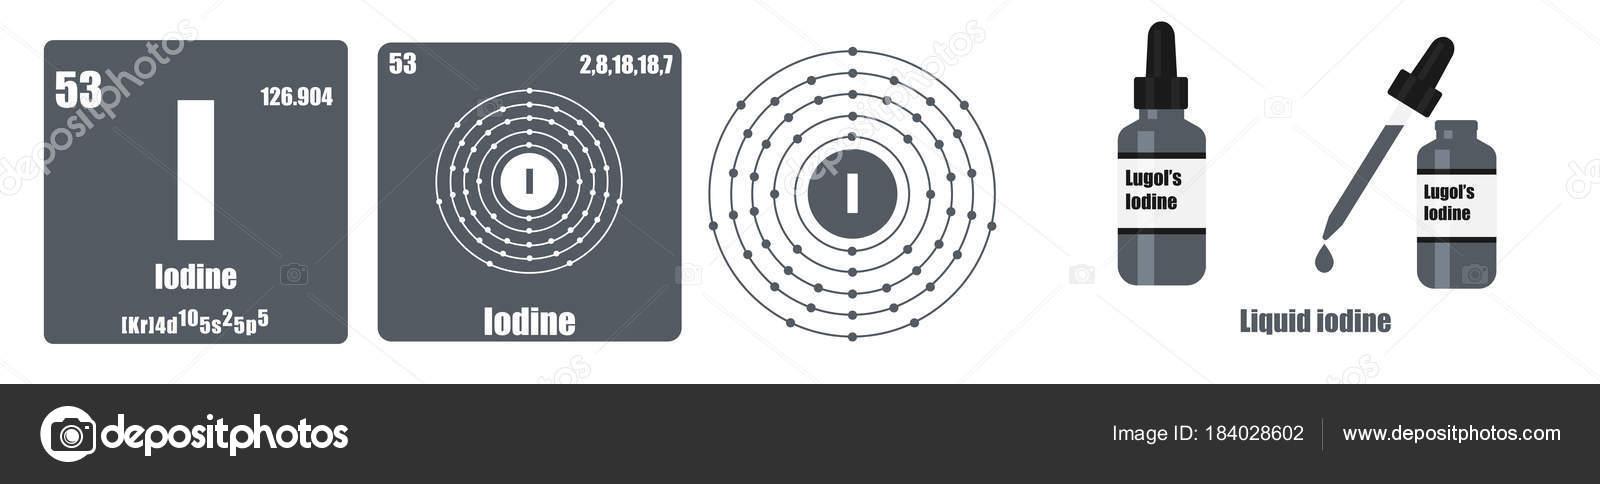 Tabla periodica de los elementos del grupo vii halgeno yodo tabla periodica de los elementos del grupo vii halgeno yodo vector de stock urtaz Images